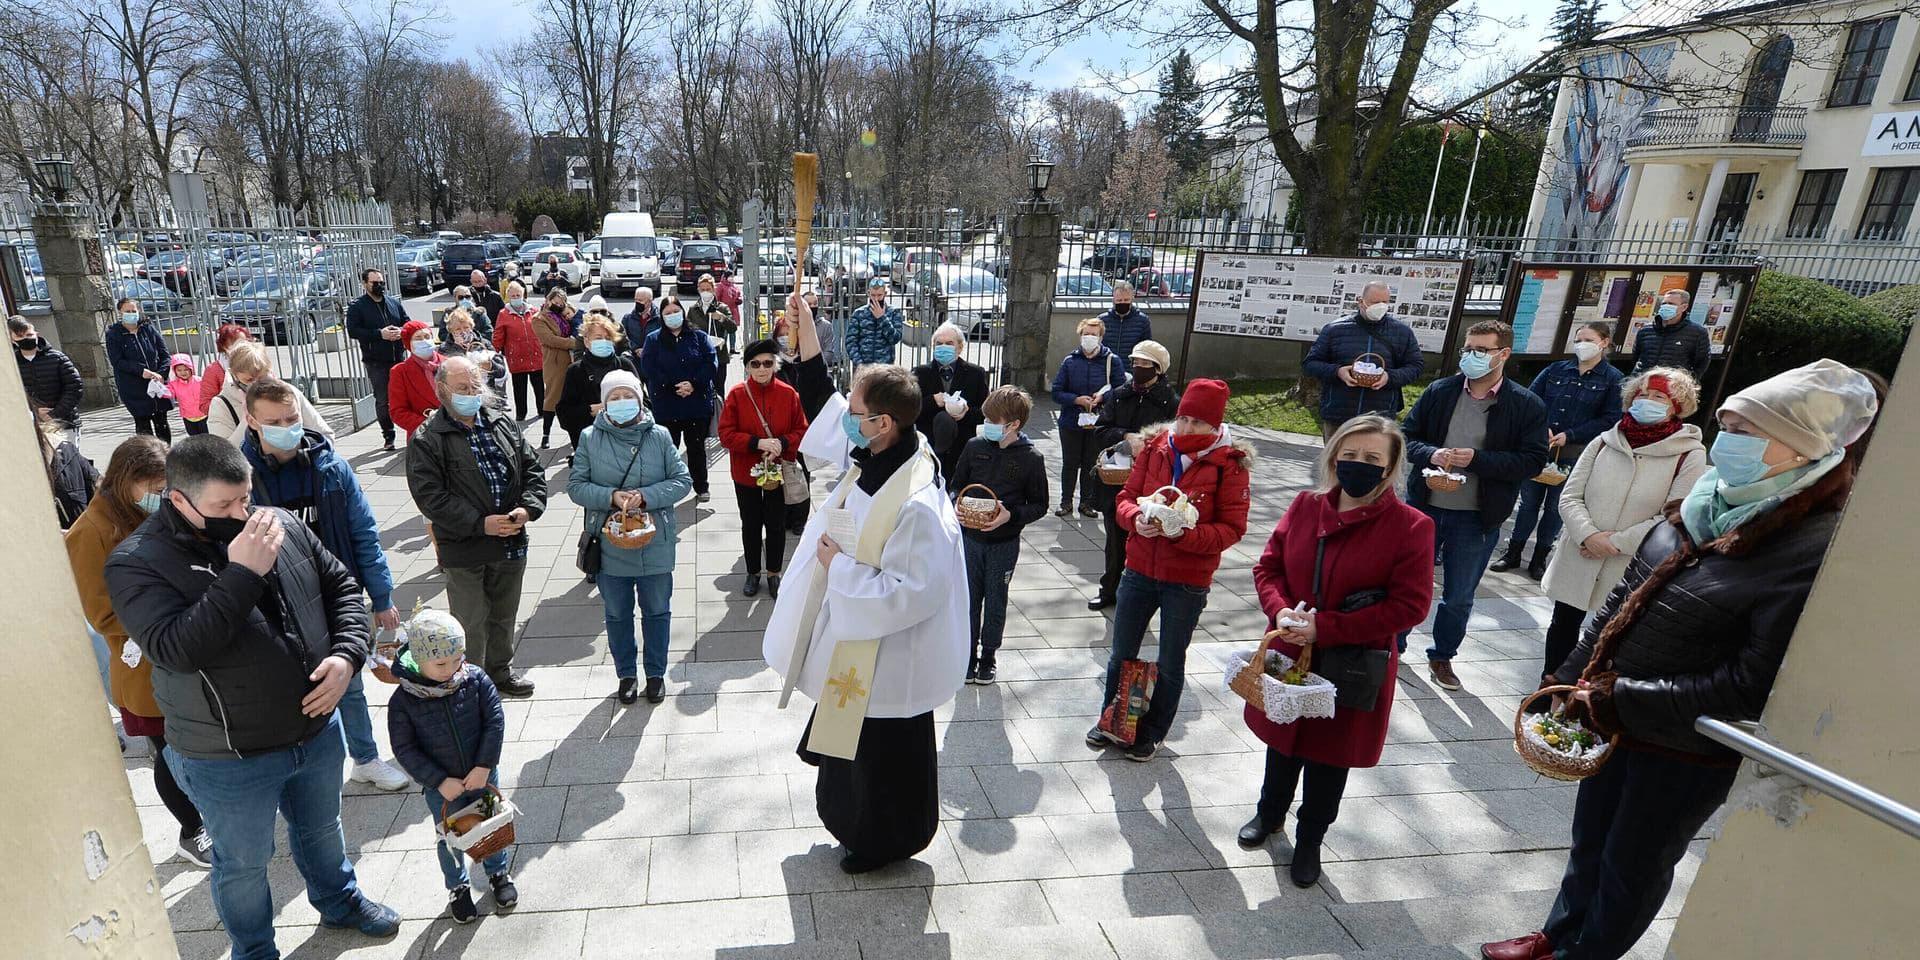 En Pologne, une vague d'apostasie frappe l'Église en crise